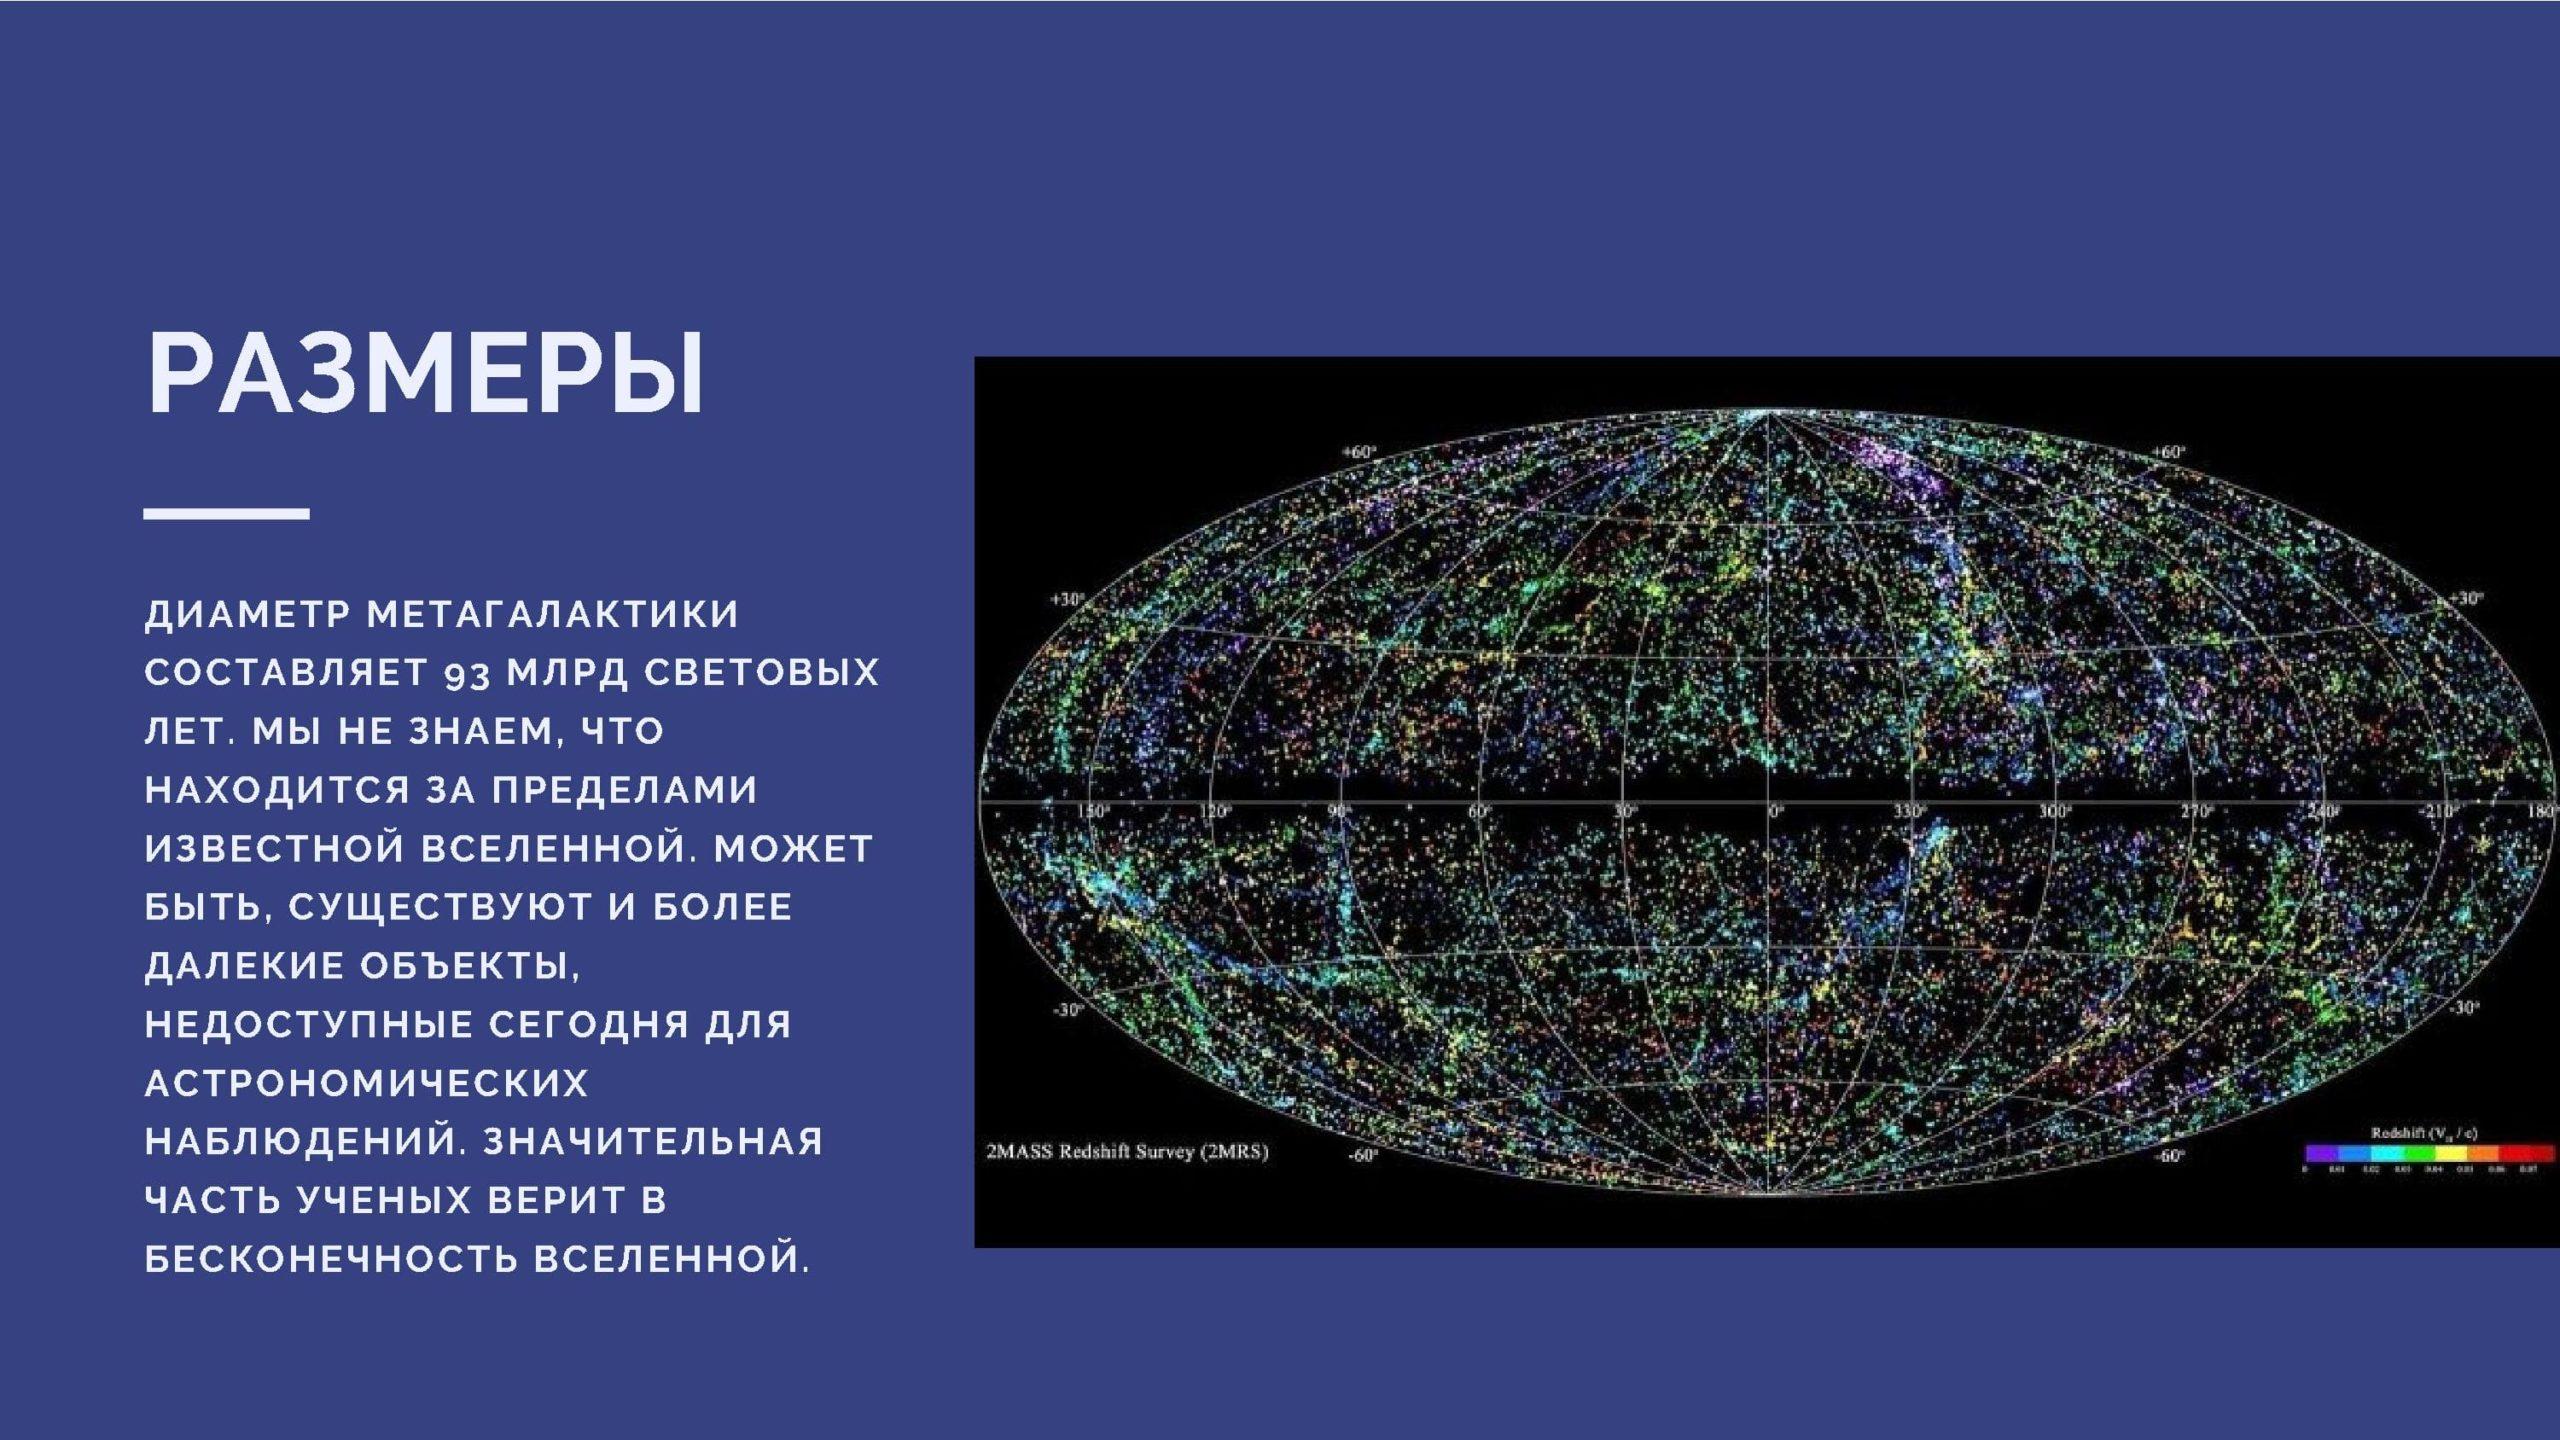 Размеры. Диаметр метагалактики составляет 93 млрд световых лет.